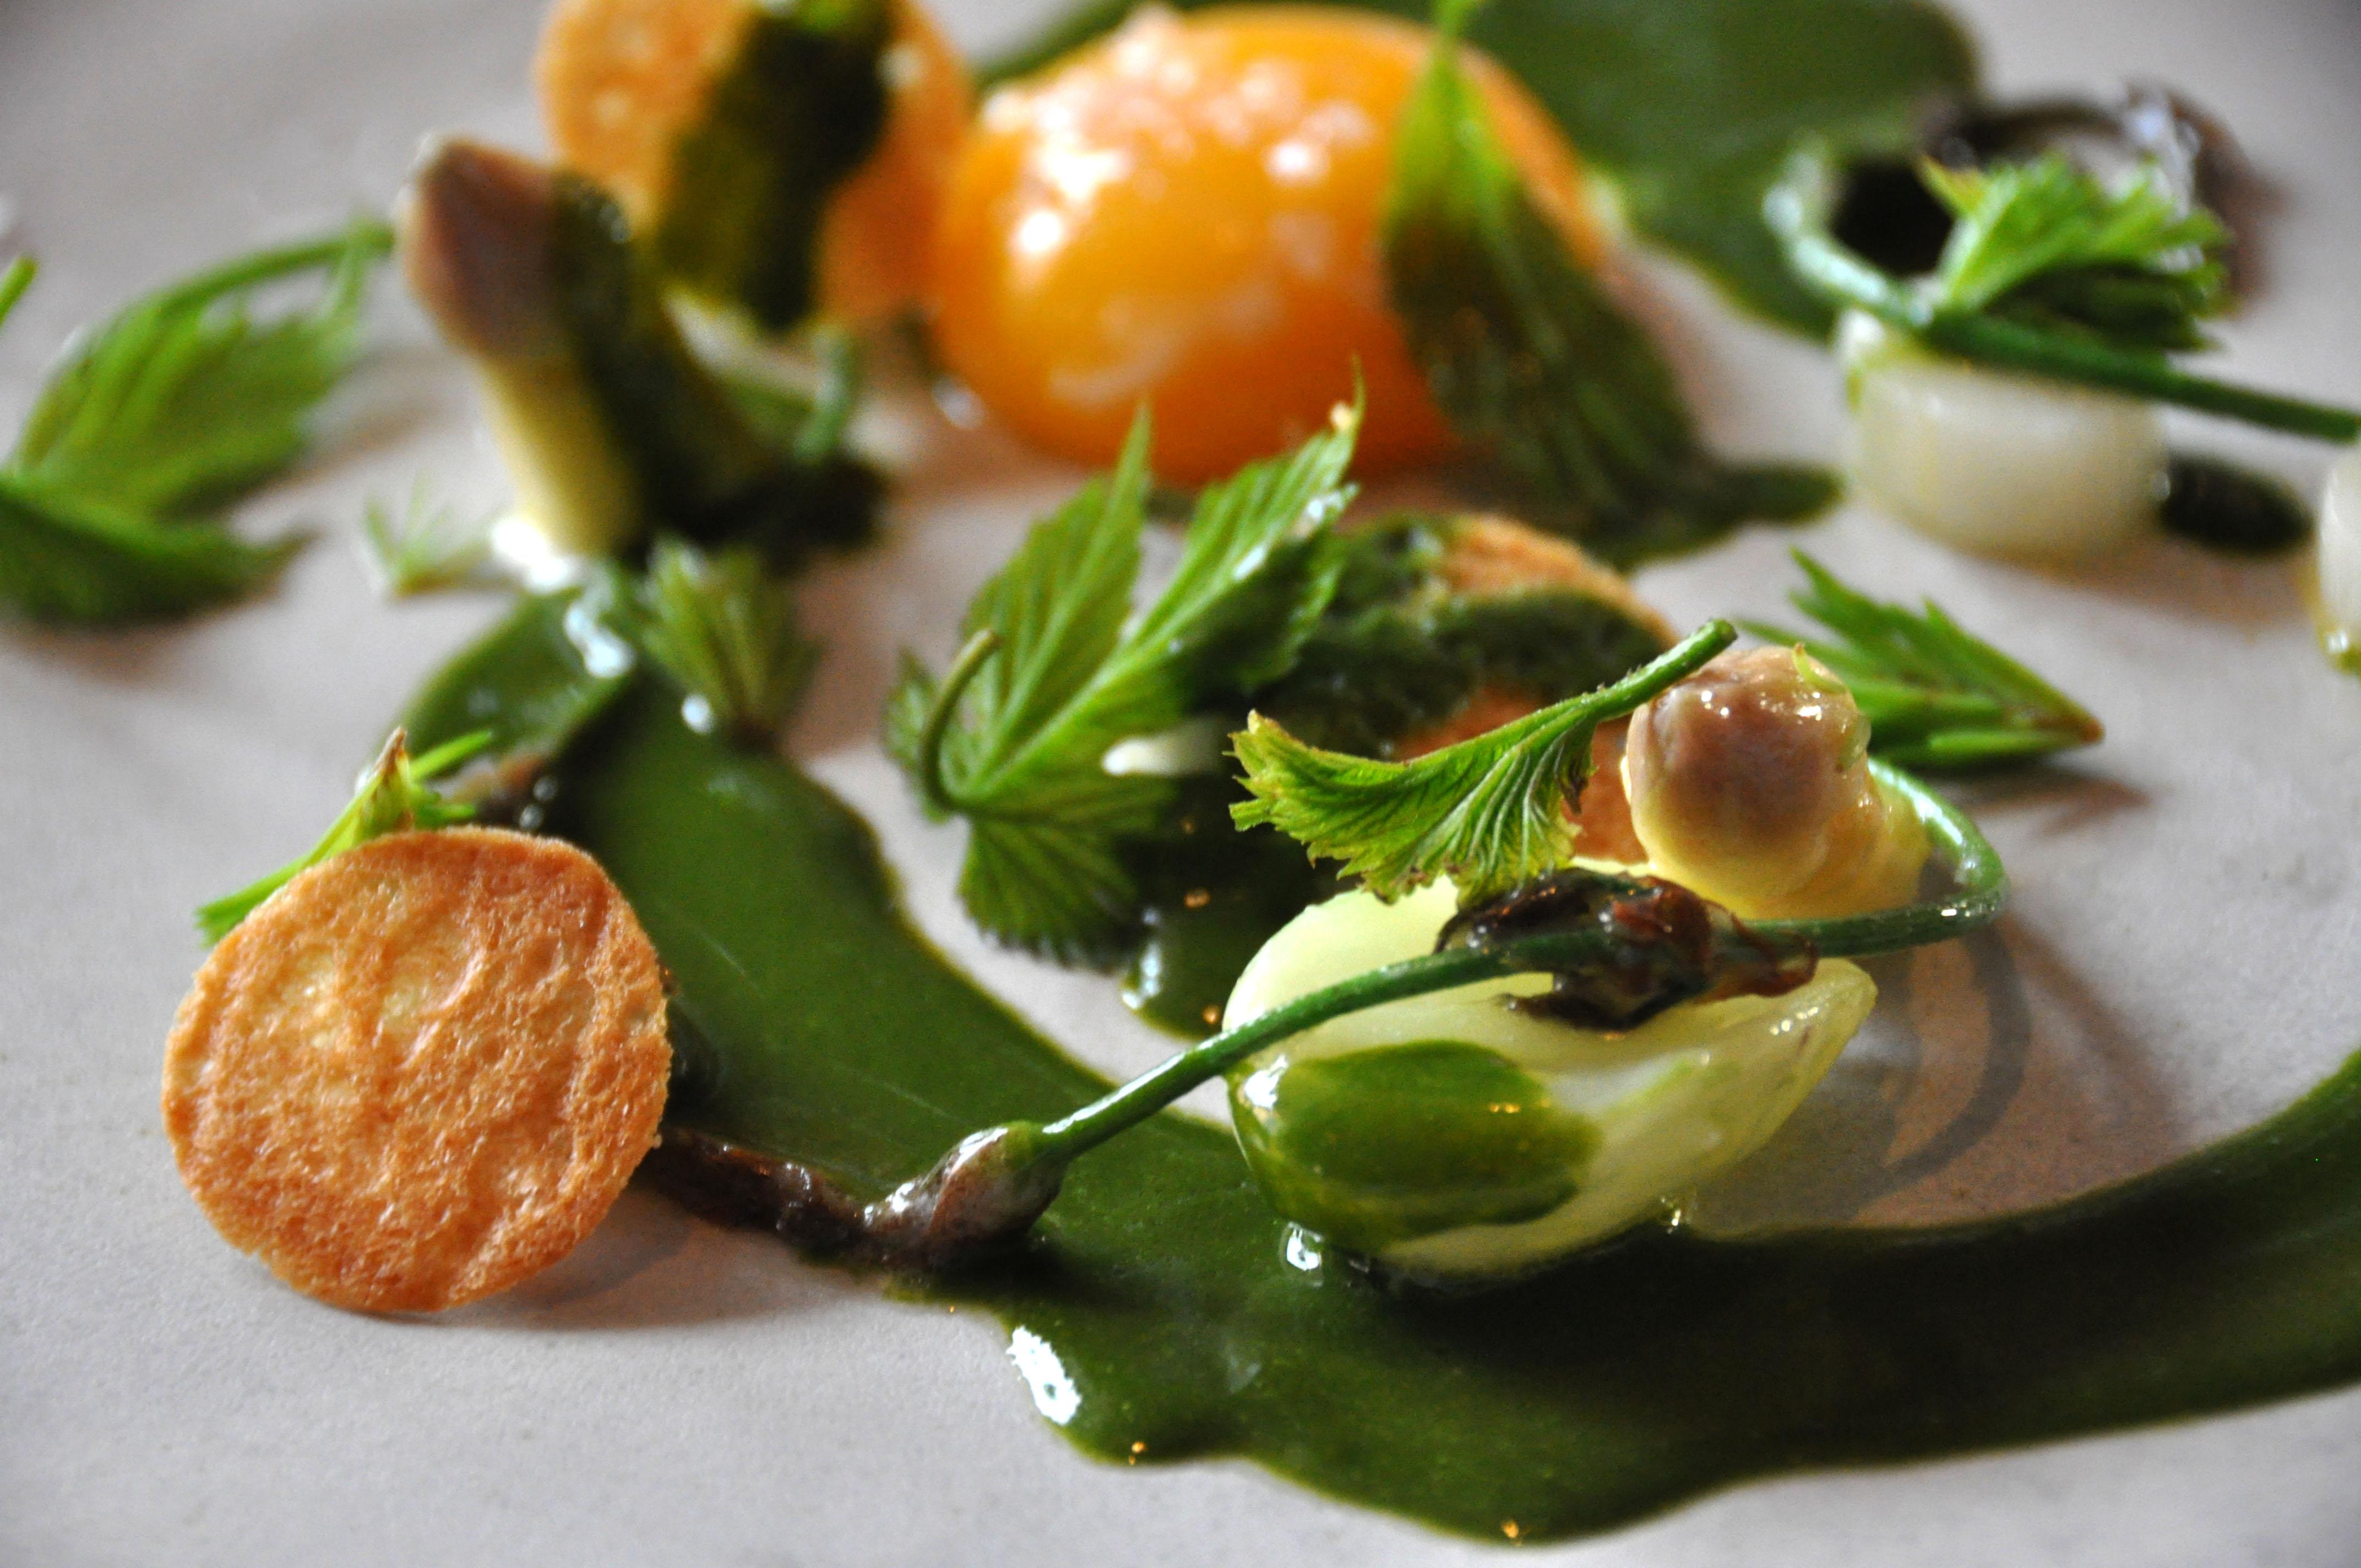 Nordisk kost senker kolesterolen din – selv uten vekttap